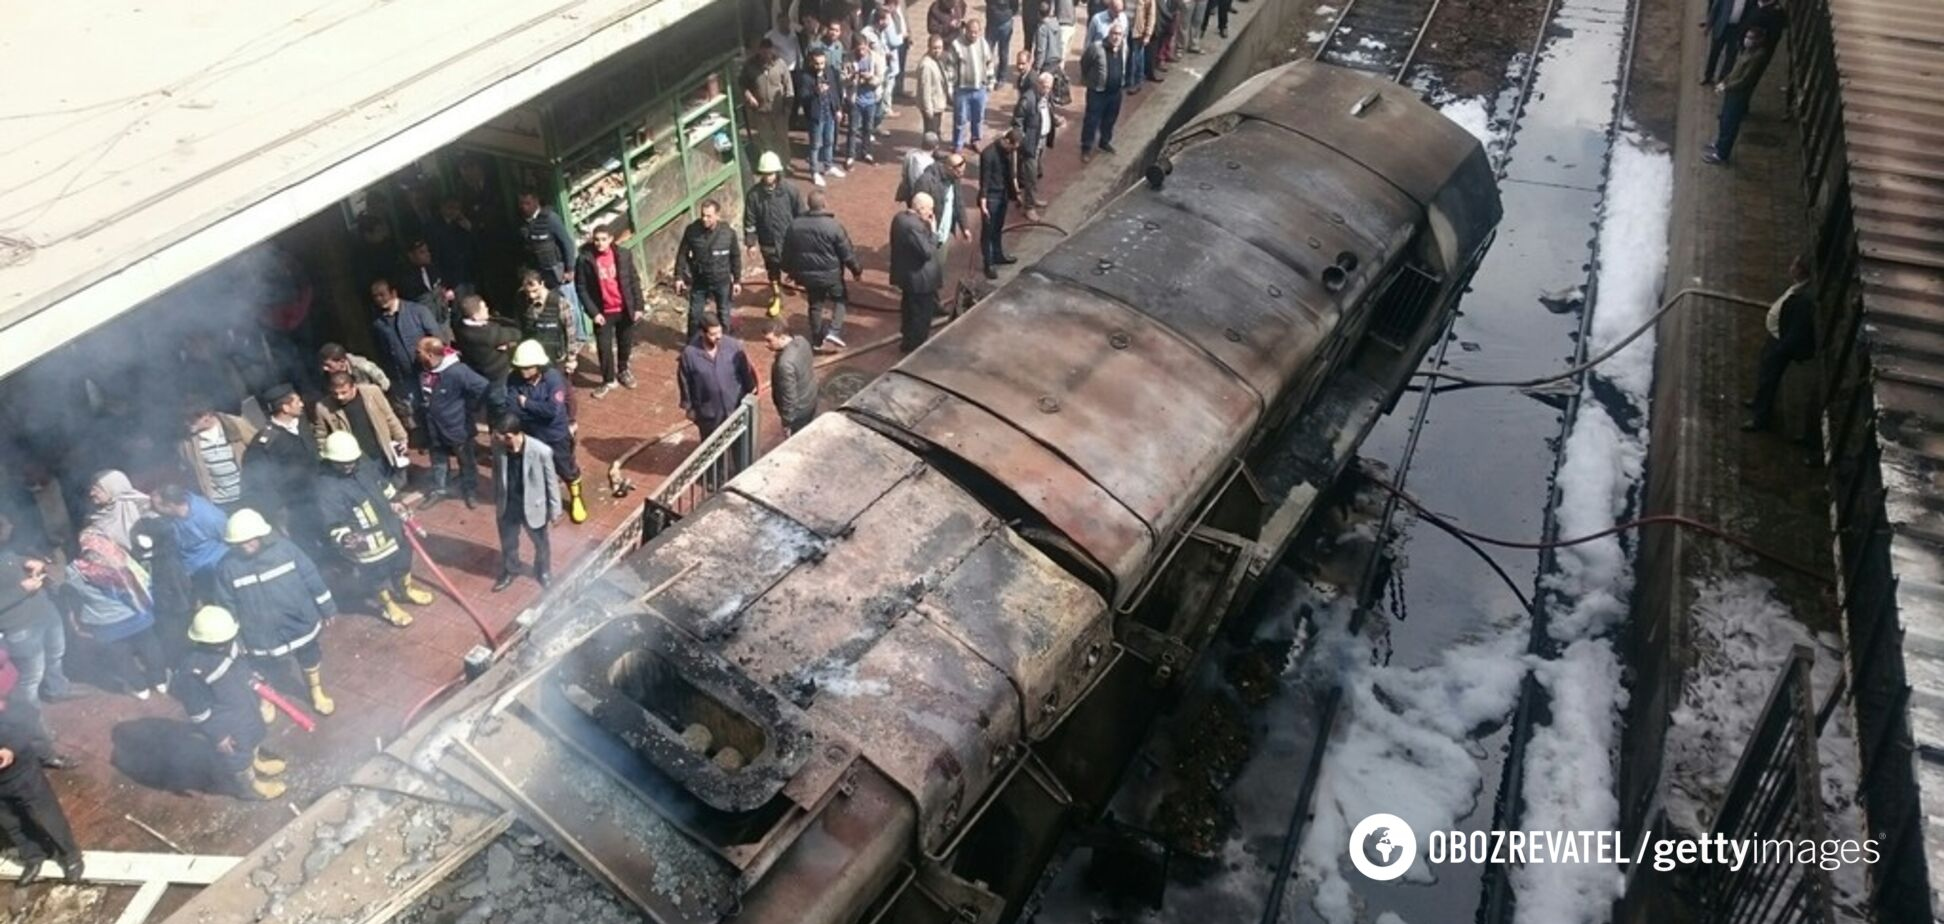 Поезд взорвался, загорелся вокзал: в Египте в жуткой катастрофе погибли 24 человека, полсотни раненых. Фото и видео